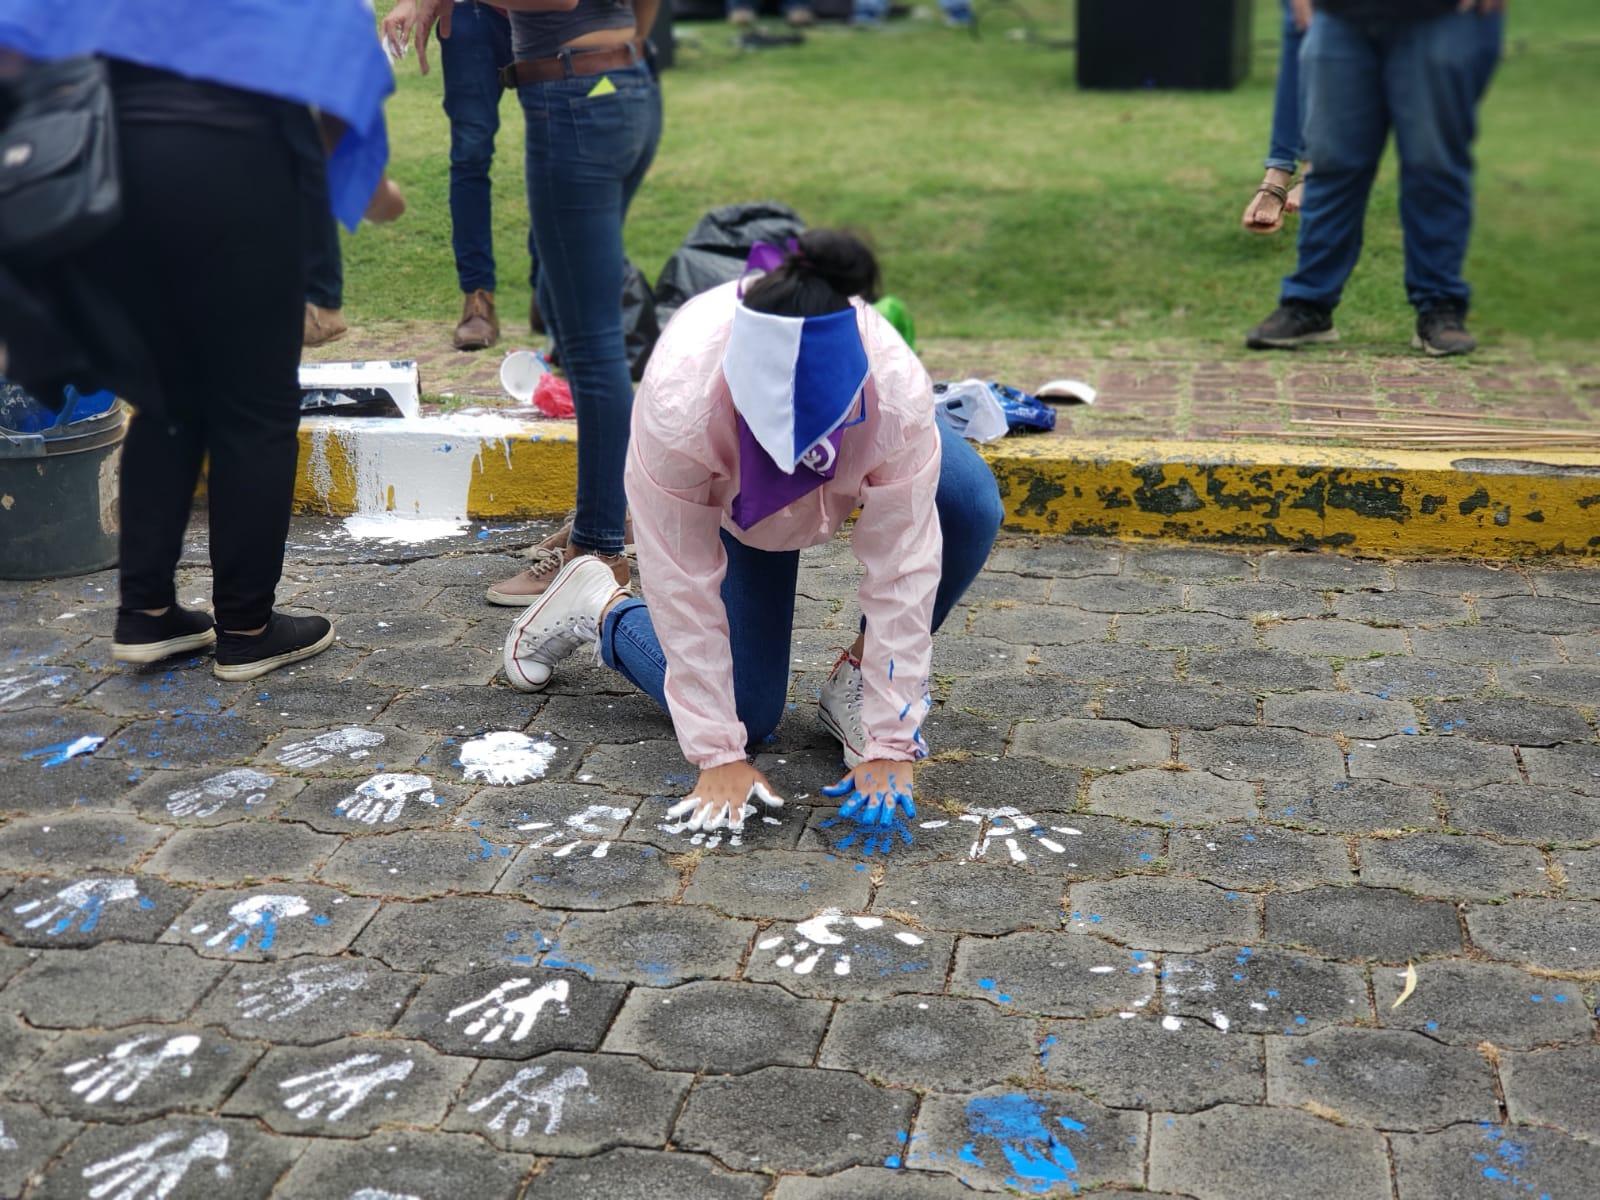 Universitarias mancharon sus manos de pintura azul y blanco y plasmaron sus manos en el adoquinado y portón del recinto. Foto: G. Shiffman / Artículo 66